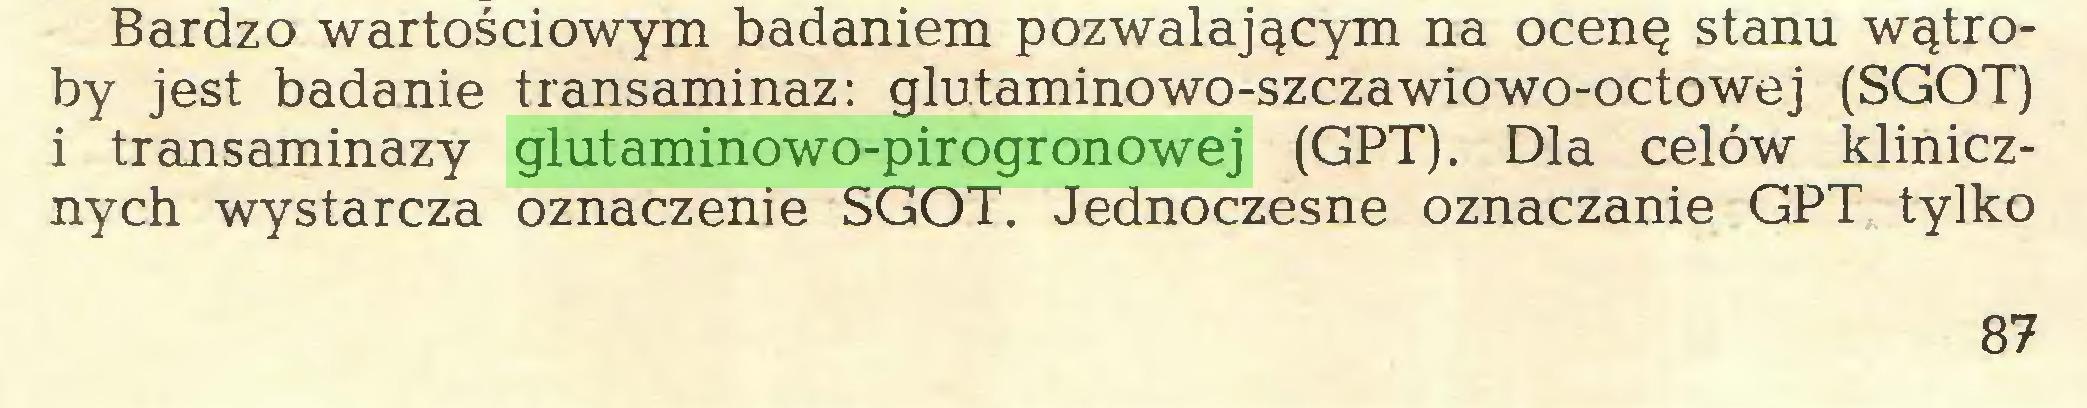 (...) Bardzo wartościowym badaniem pozwalającym na ocenę stanu wątroby jest badanie transaminaz: glutaminowo-szczawiowo-octowej (SGOT) i transaminazy glutaminowo-pirogronowej (GPT). Dla celów klinicznych wystarcza oznaczenie SGOT. Jednoczesne oznaczanie GPT tylko 87...